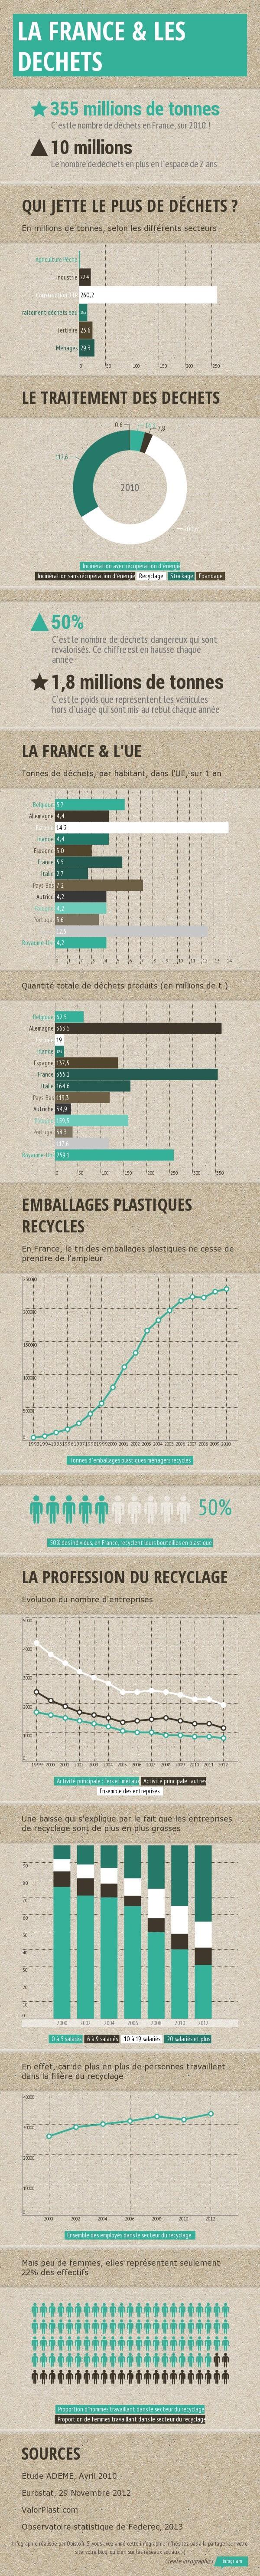 infographie-la-france-et-les-dechets1-e1391448311357